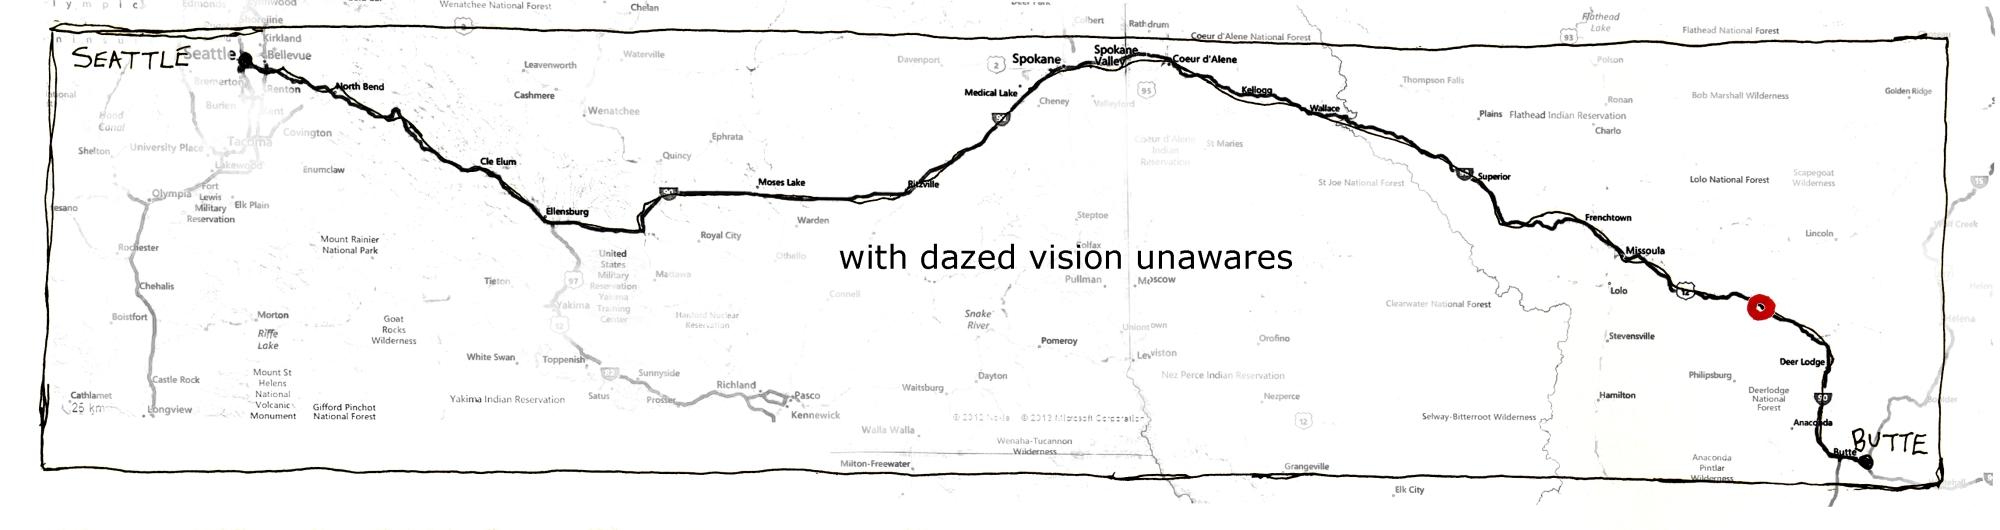 473 map